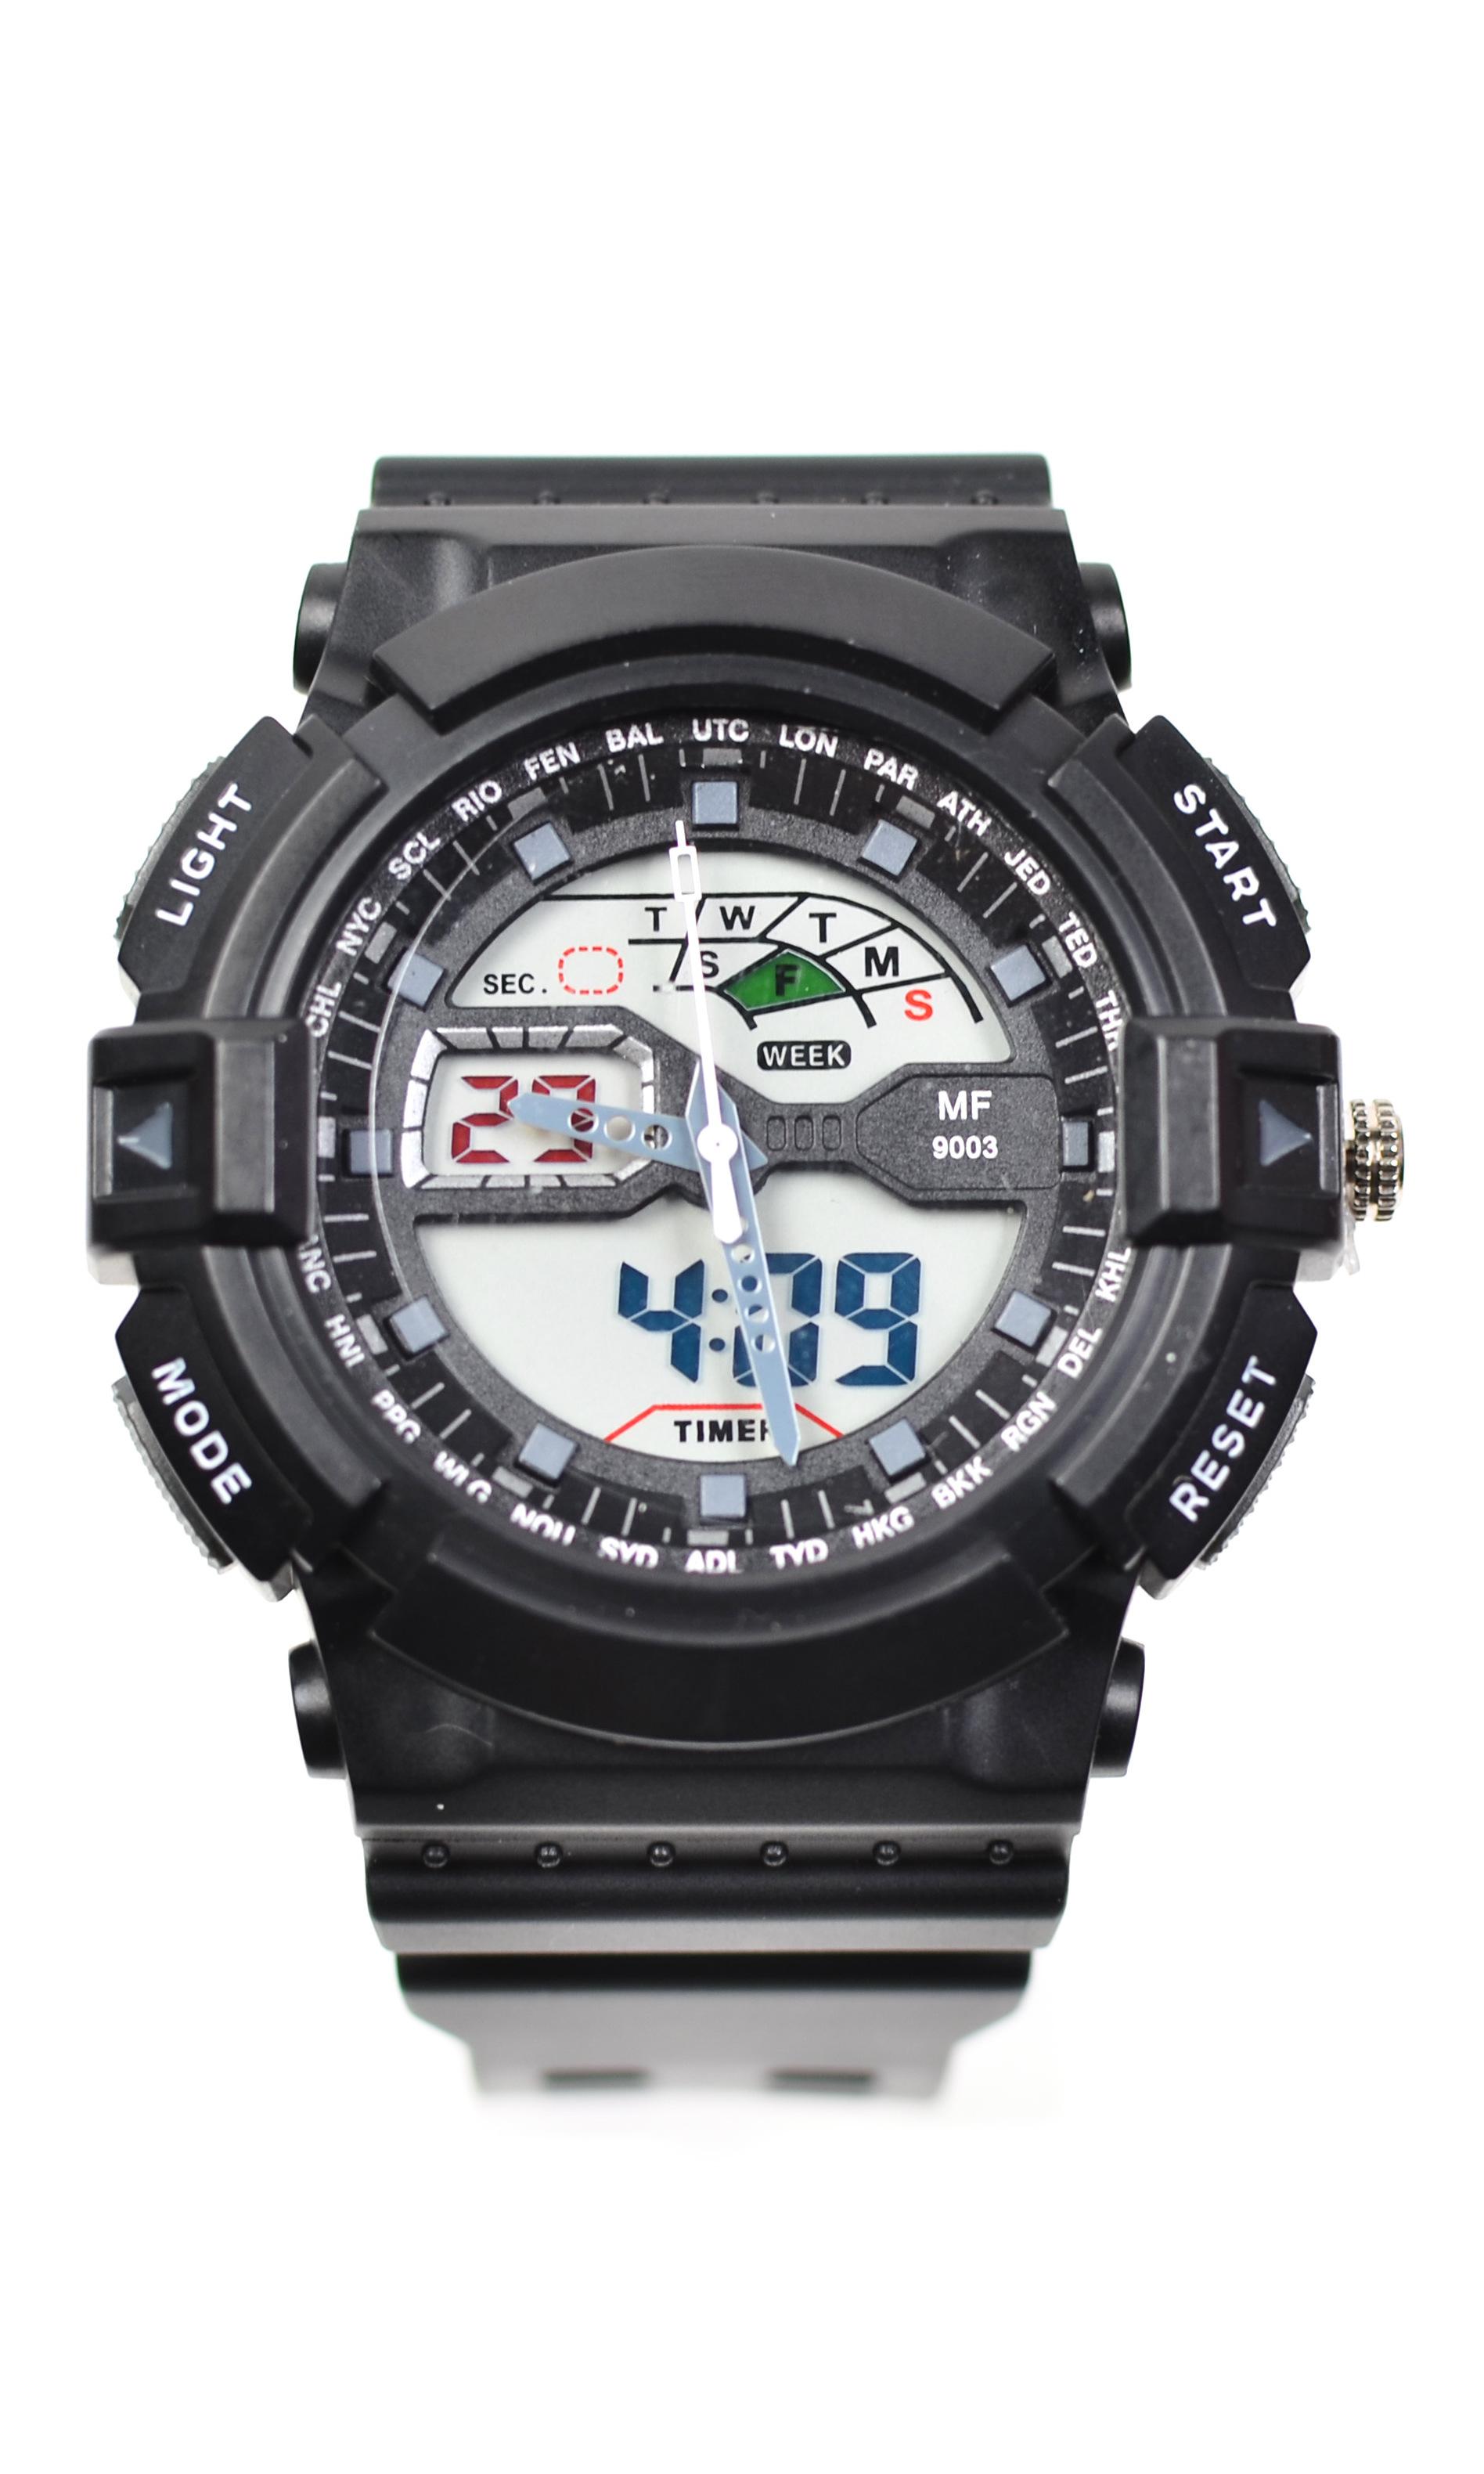 Ceas de mana pentru barbati, cu sistem Dual Time, negru - MF9003TN